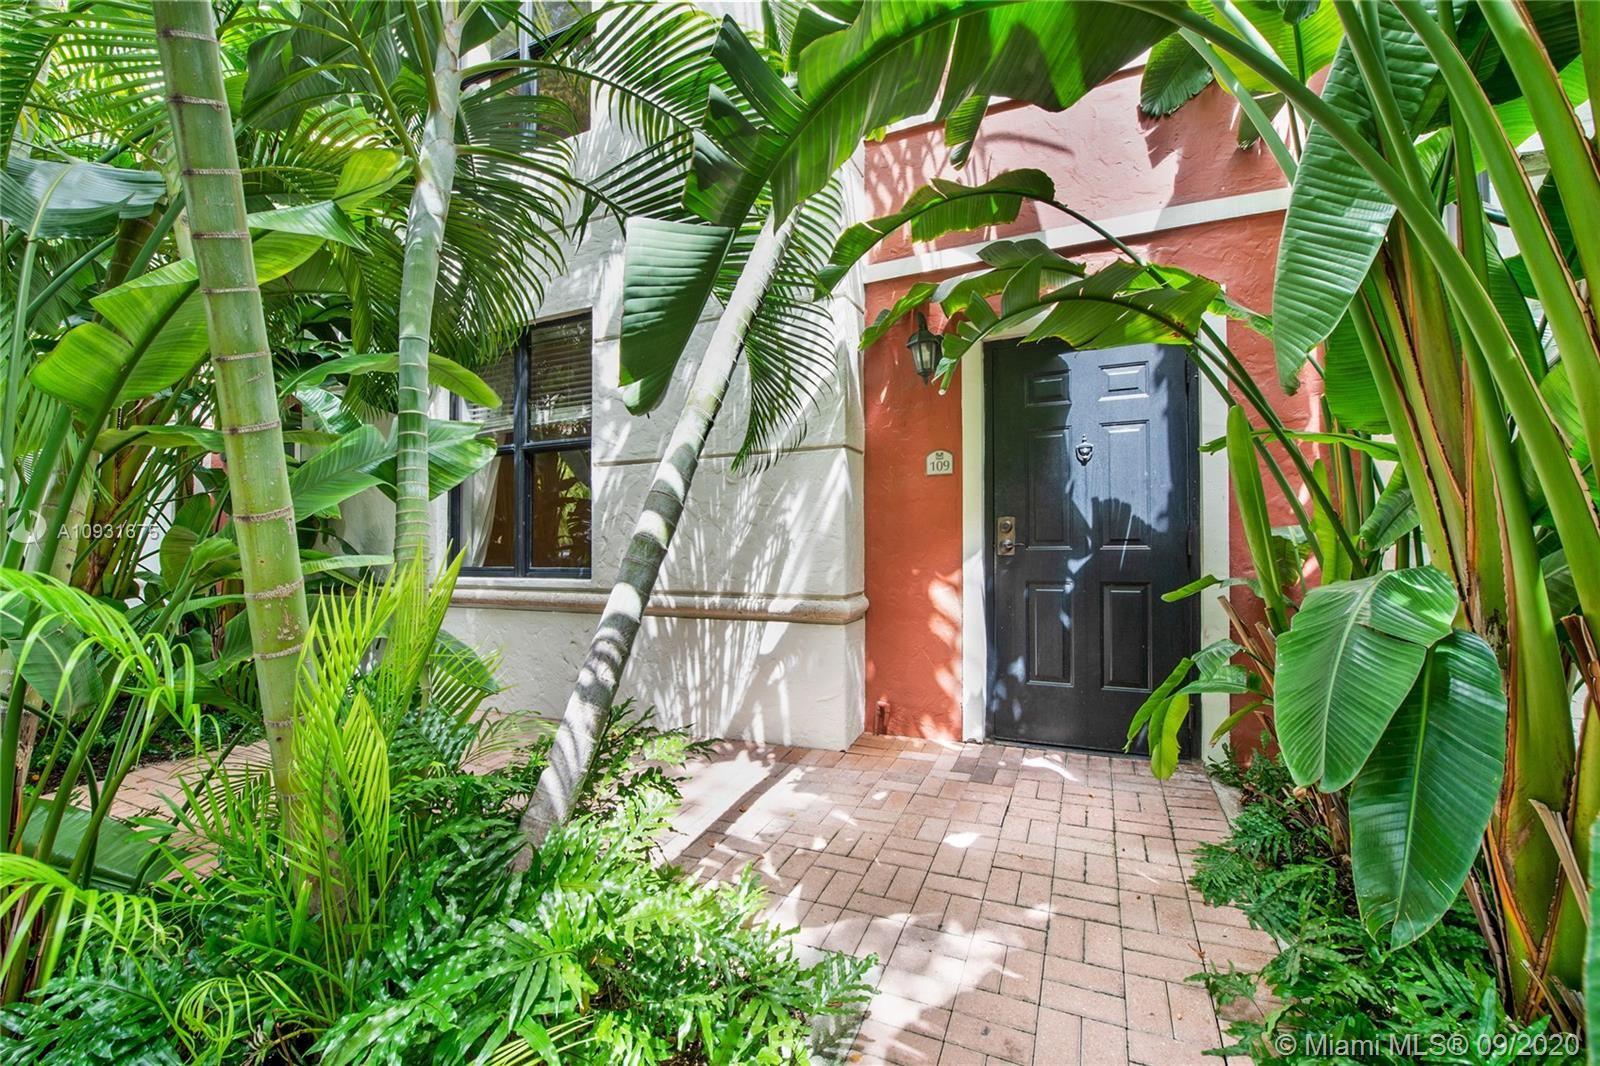 888 S Douglas Rd #109, Coral Gables, FL 33134 - #: A10931675